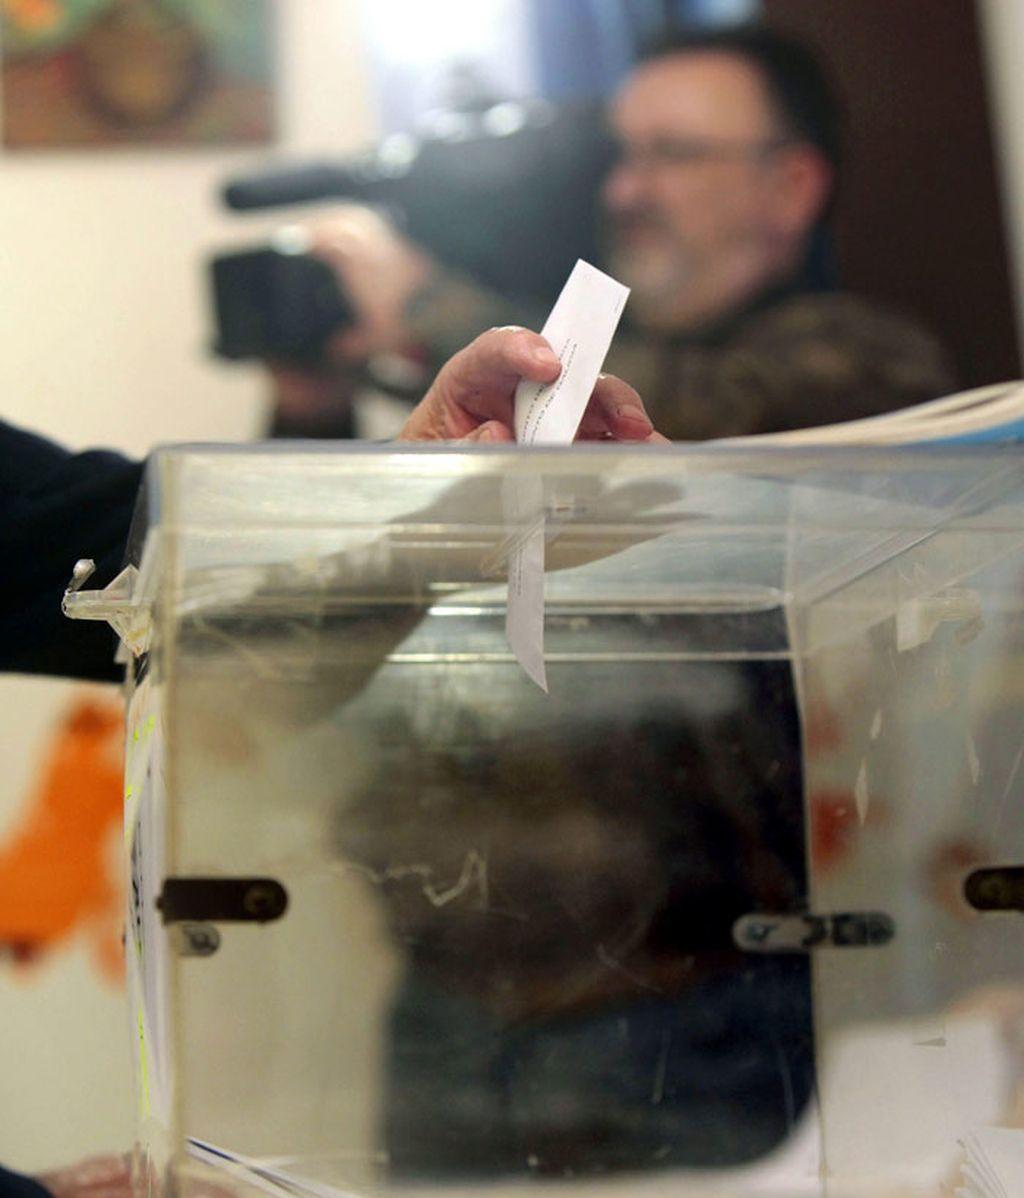 Una mujer ejerce su derecho al voto para las elecciones gallegas en la mesa electoral situada en la Asociación de Vecinos de O Castrillón, A Coruña